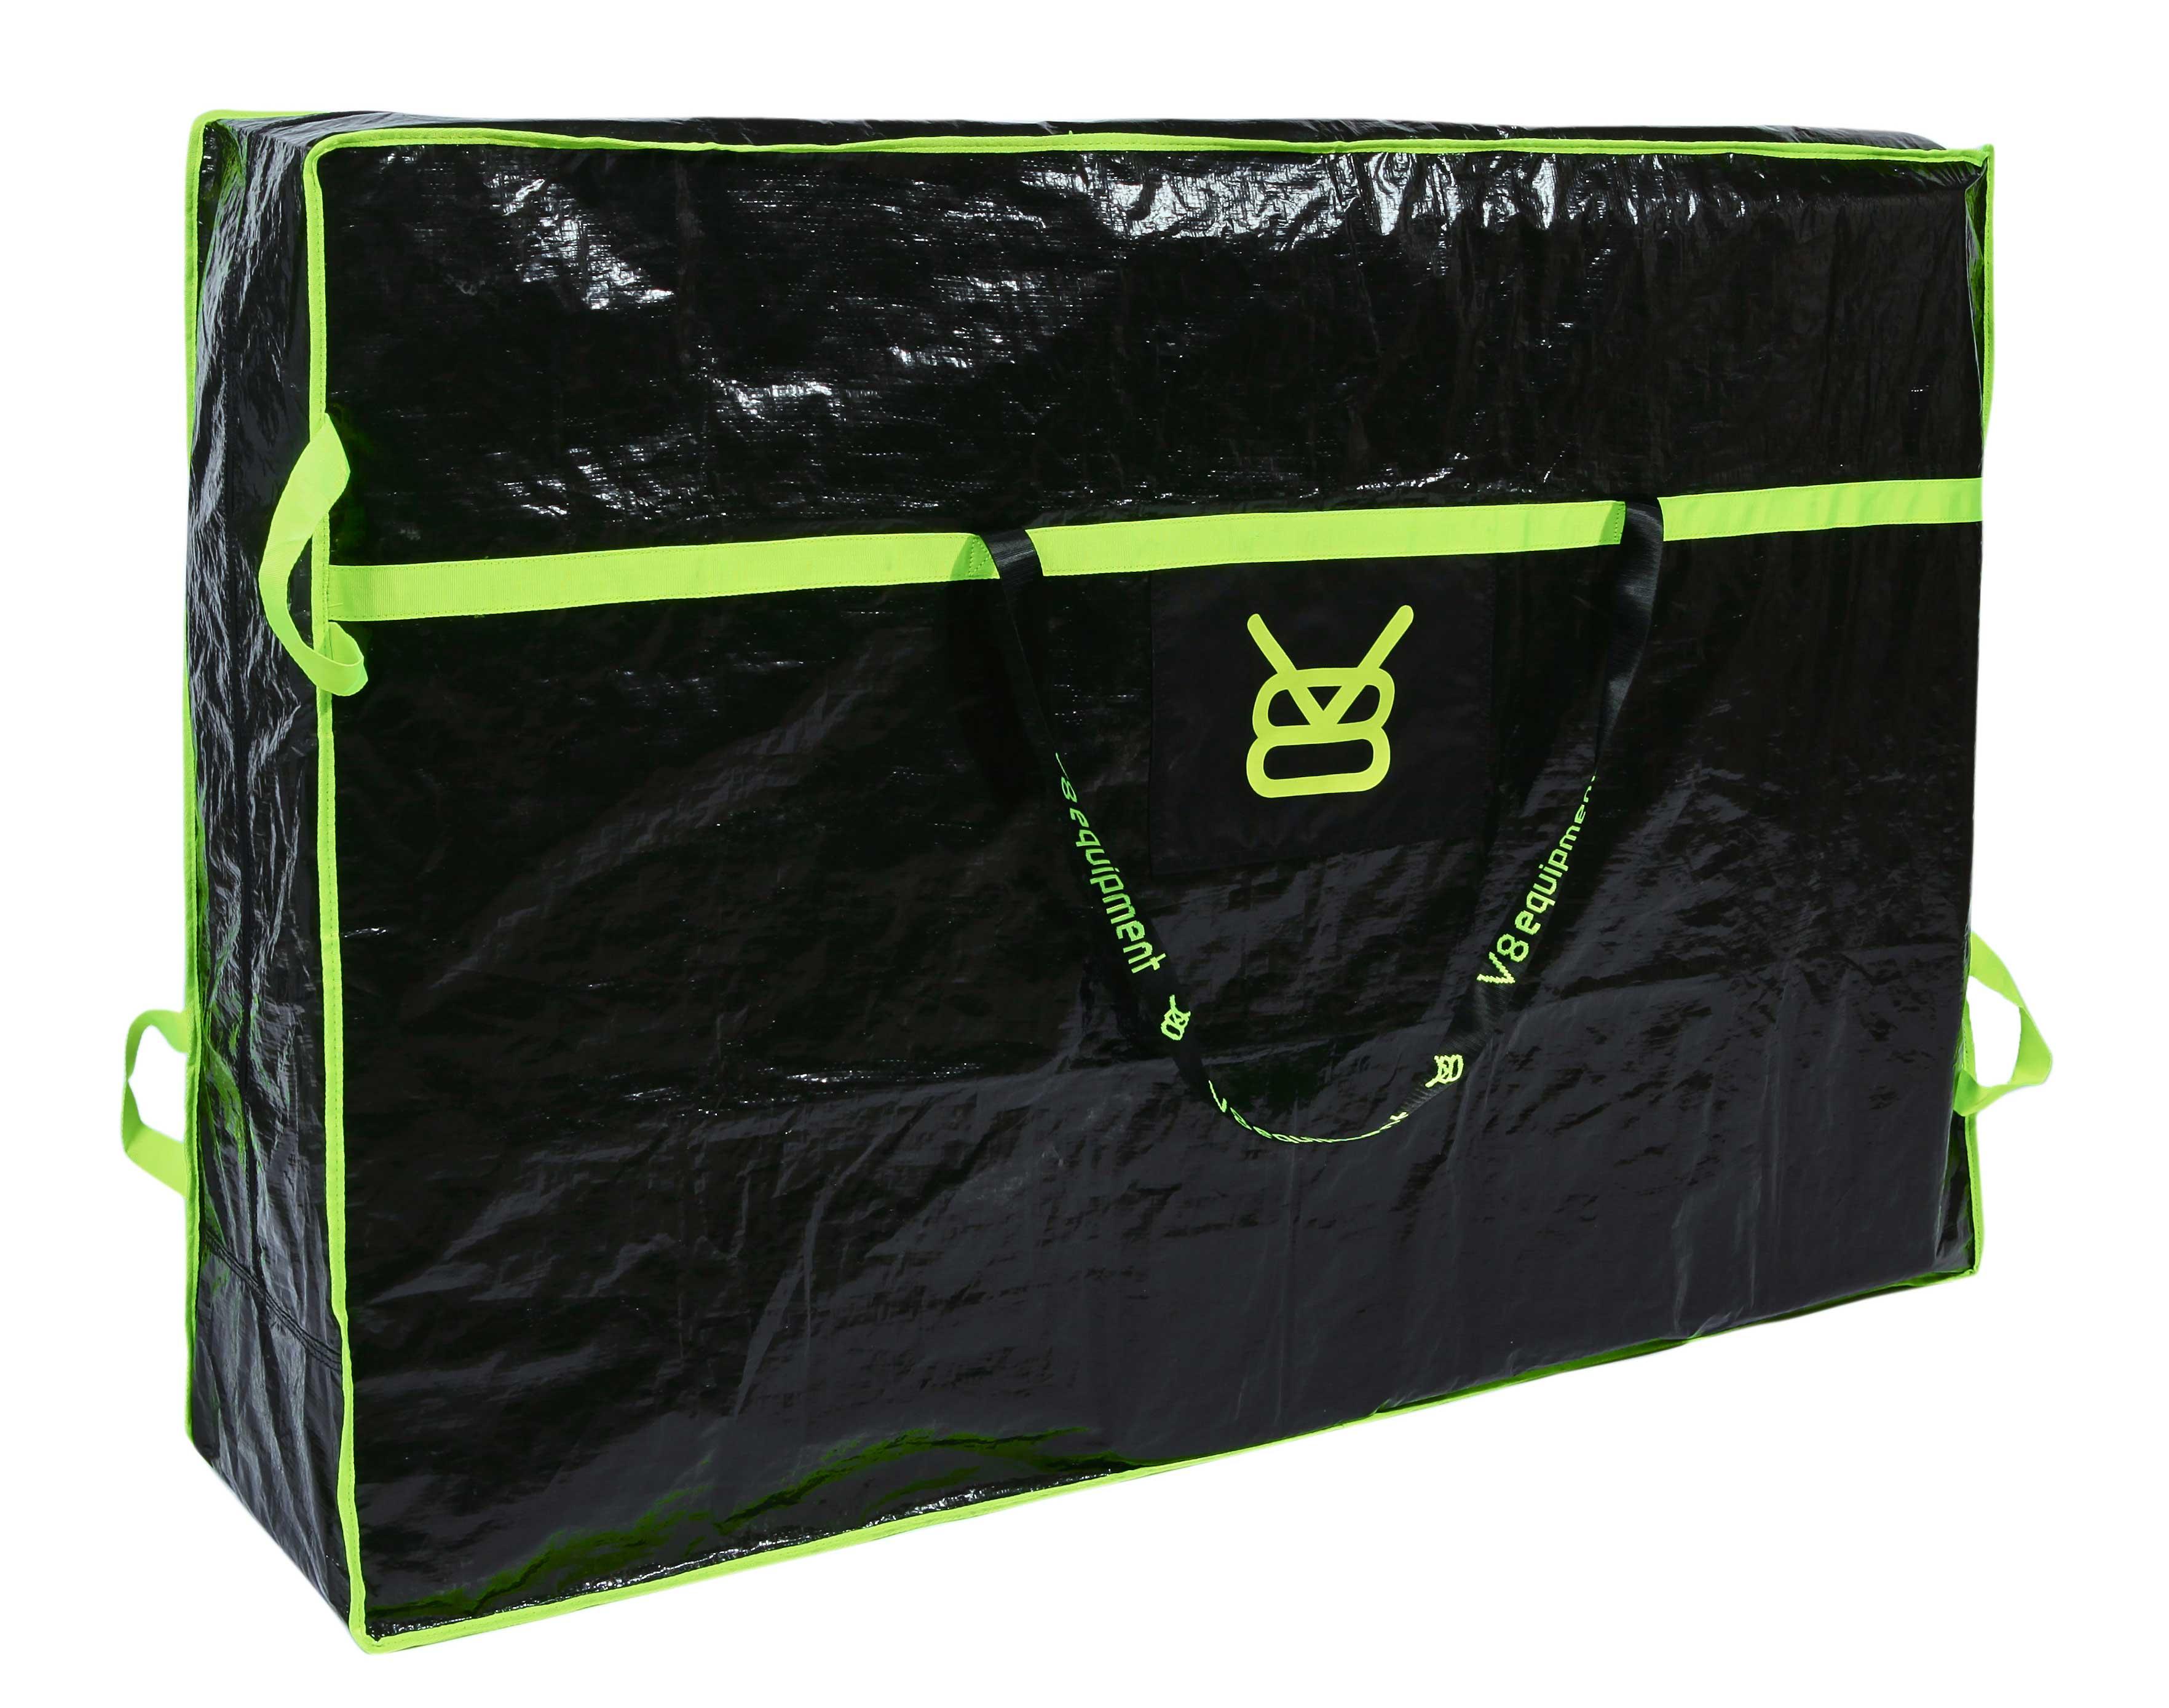 mud set von v8 equipment die ikea tasche f rs bike prime mountainbiking. Black Bedroom Furniture Sets. Home Design Ideas